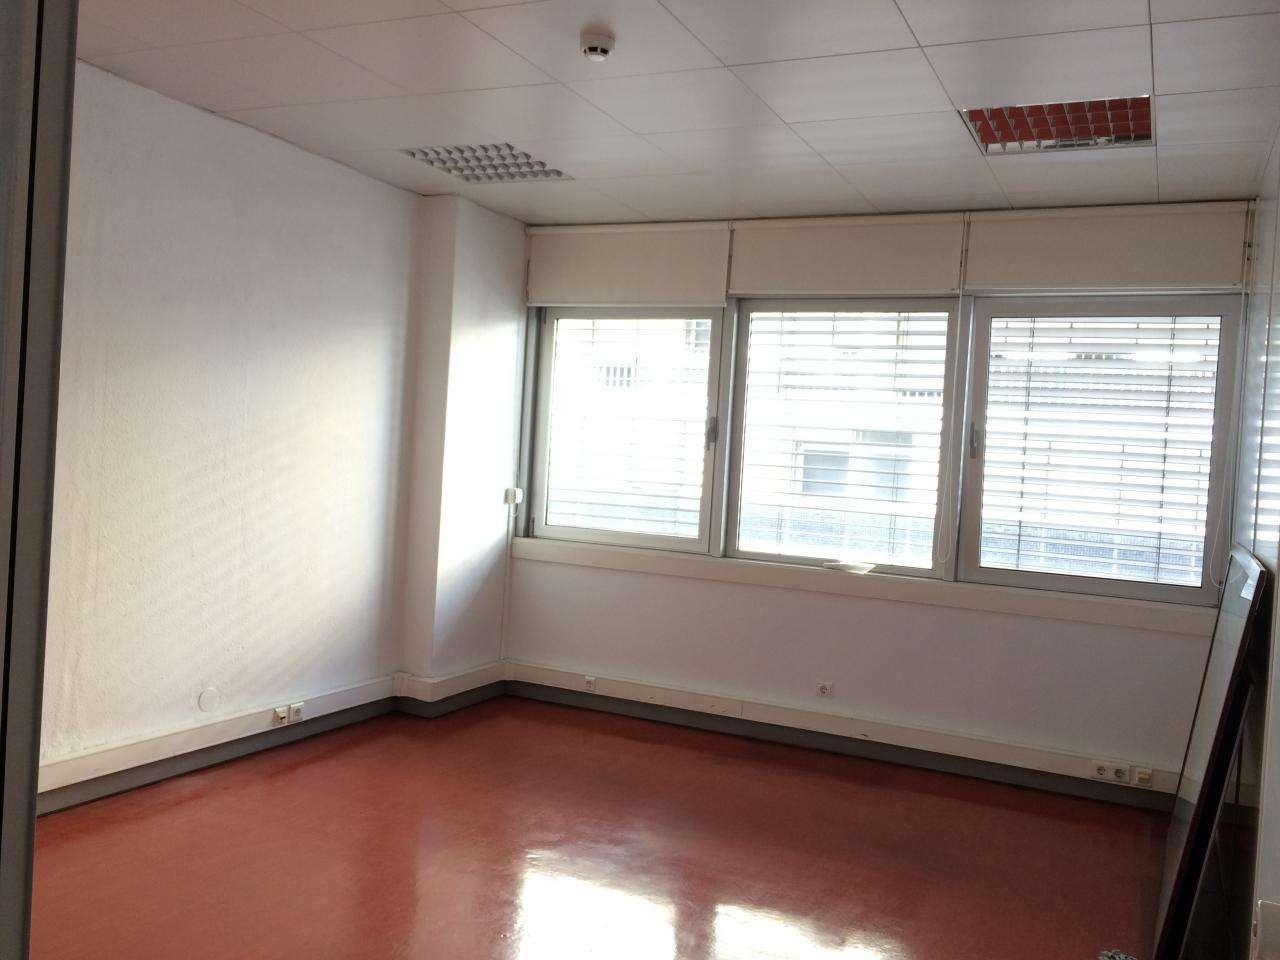 Escritório para arrendar, Avenidas Novas, Lisboa - Foto 1